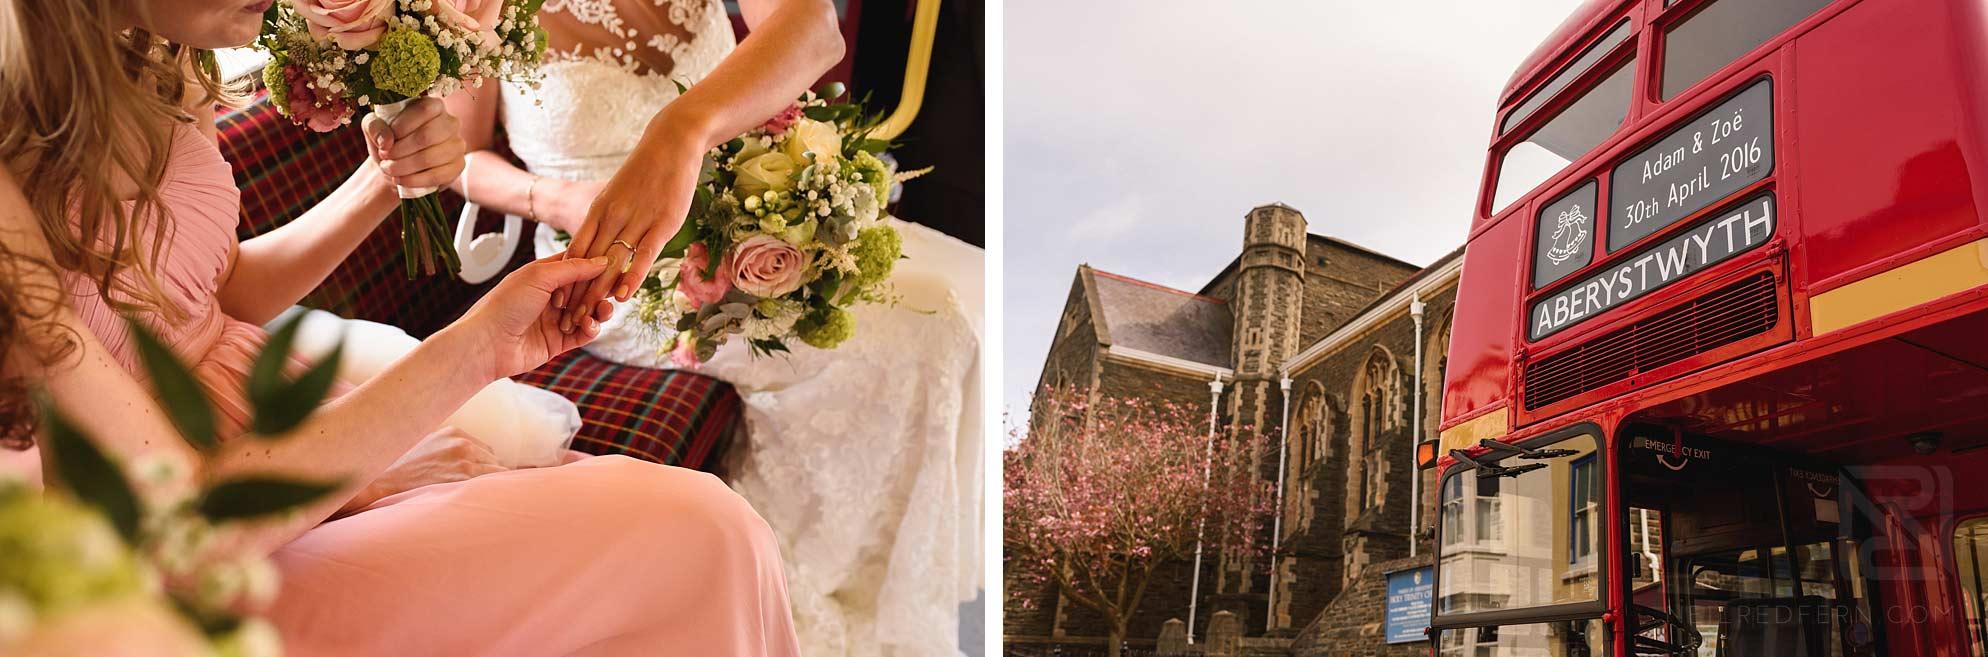 Nanteos-Mansion-wedding-photographs-35